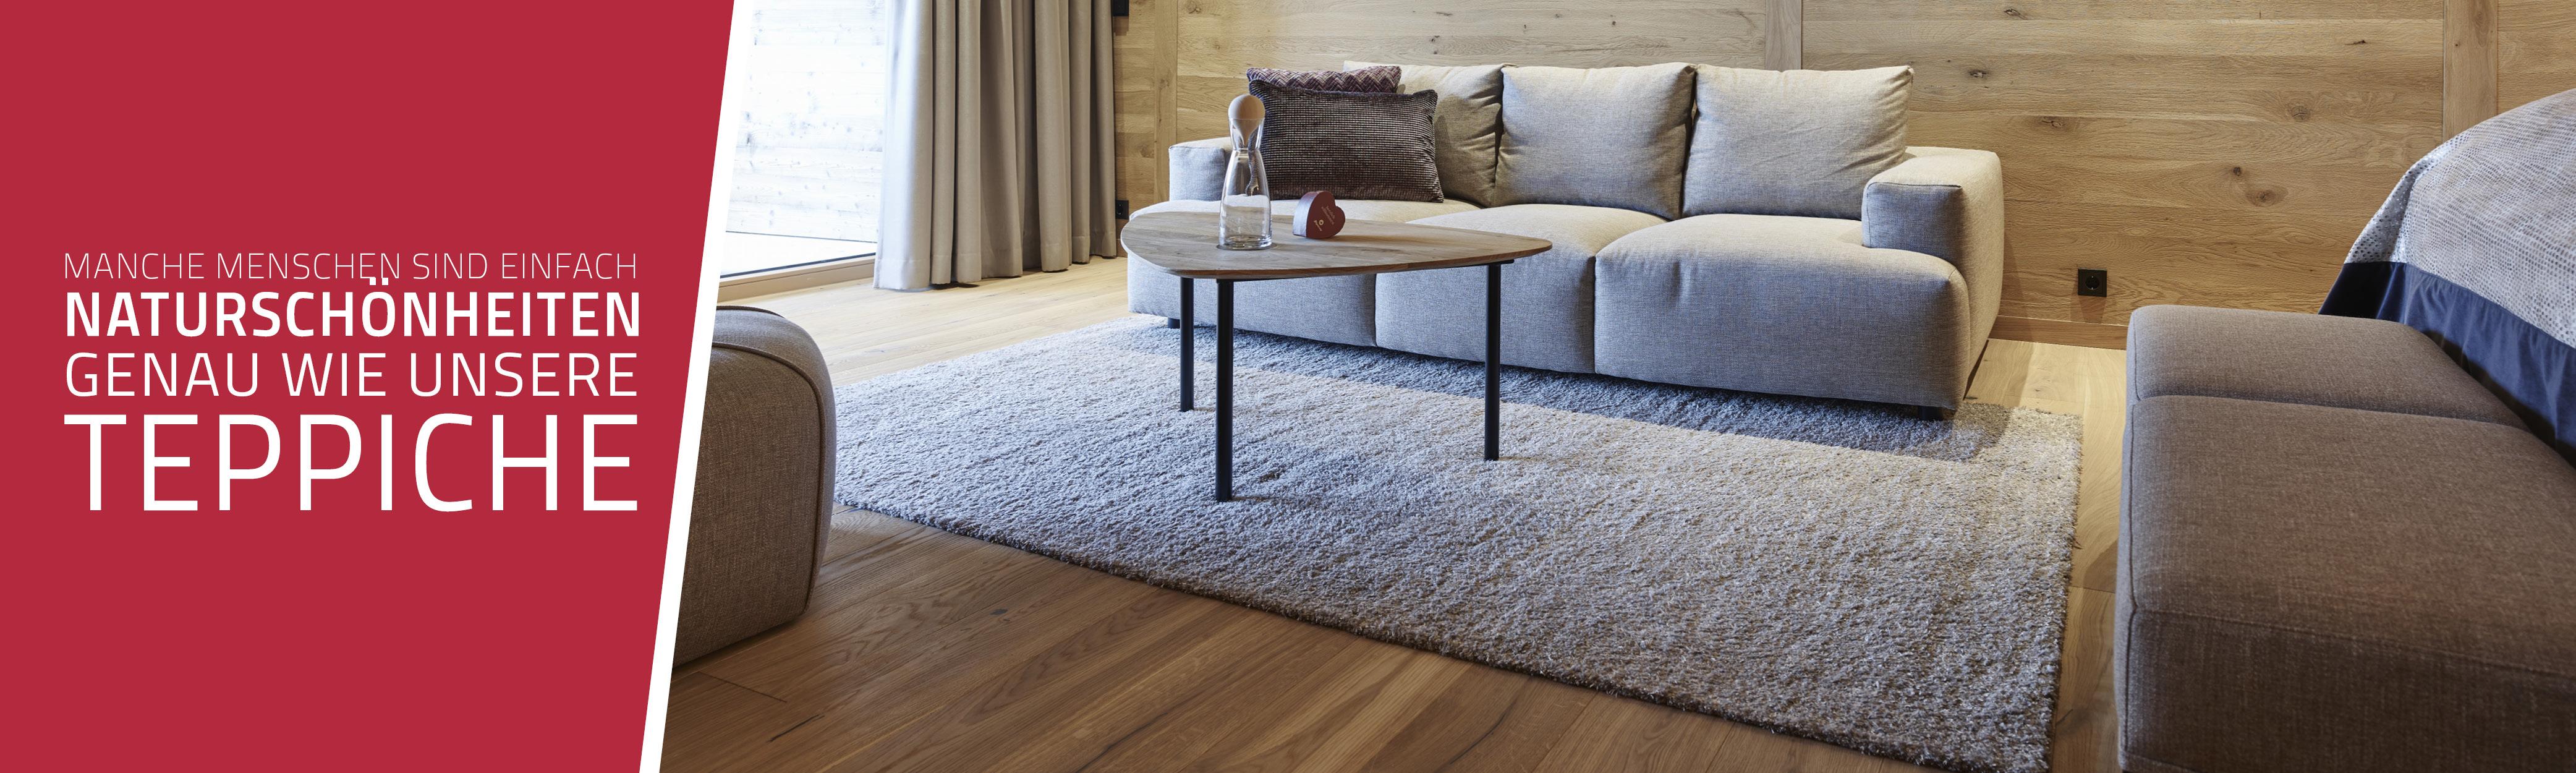 Hotelteppiche - Handgewebte Teppiche für Ihr Hotelzimmer